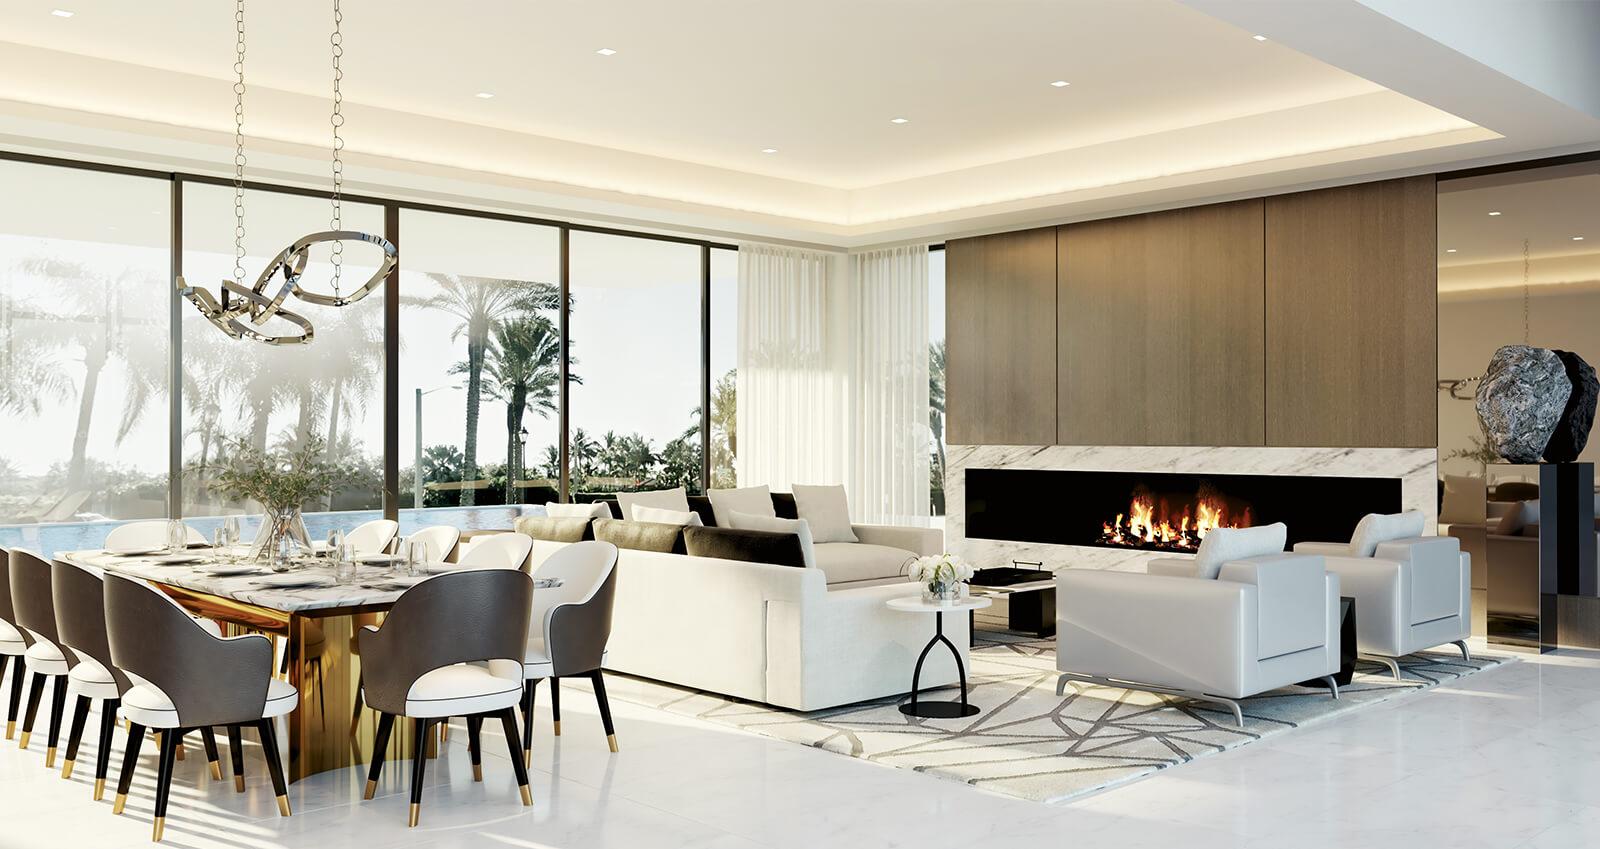 BOCA MODERN by Britto Charette Interior Design